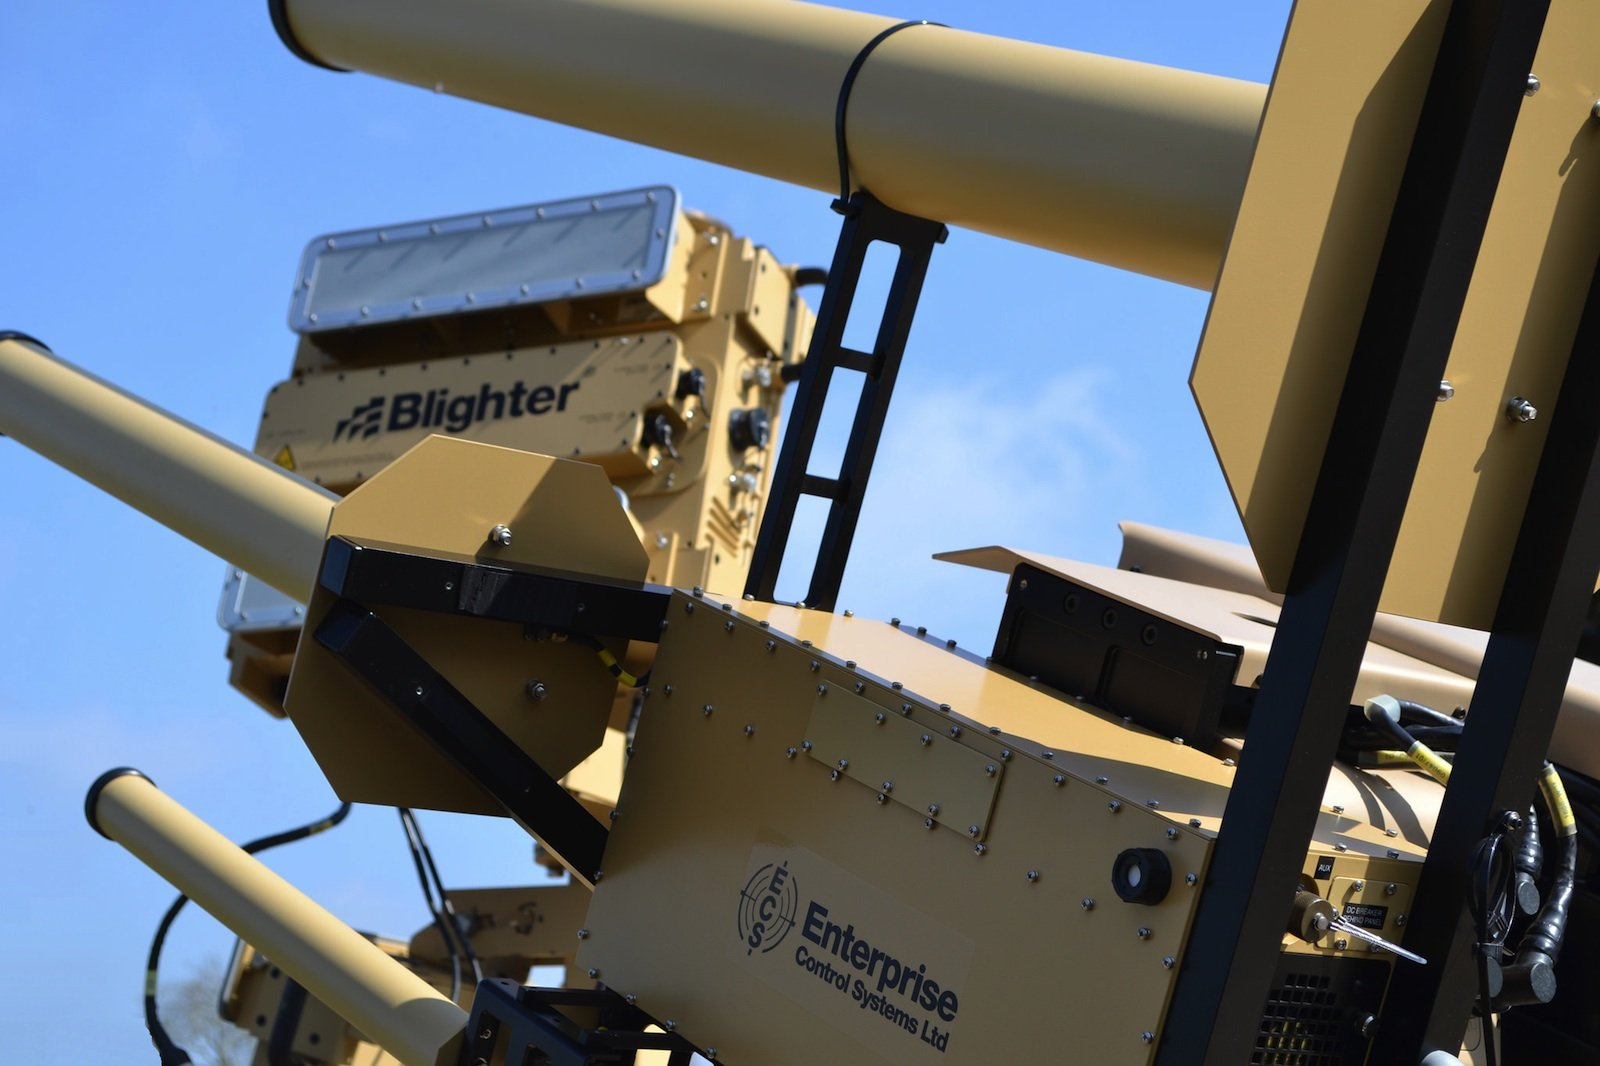 Das britische Drohnenabwehrsystem AUDS entdeckt Drohnen und macht sie mit Radiowellen unschädlich.